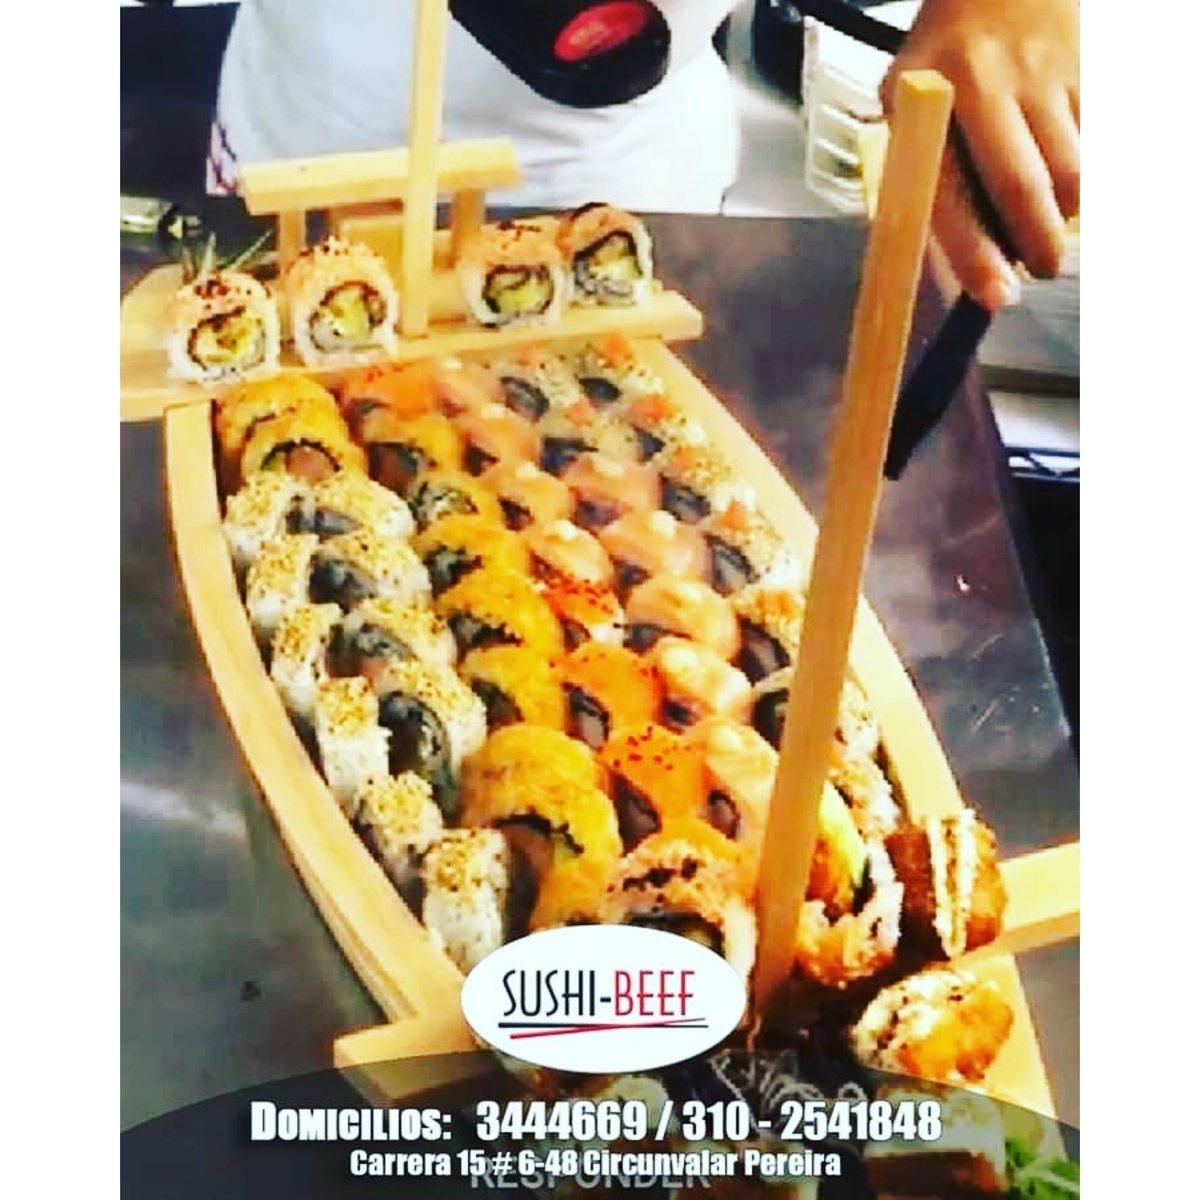 Los días en #Casa son mas tranquilos con #Sushi #Beef  #Pereira #QuedateEnCasa y ordena ya tu sushi #Favorito...!!! Domicilios: 3444669 Whatsapp: 310-2541848 Cra 15 # 6-48 Circunvalar Pereira